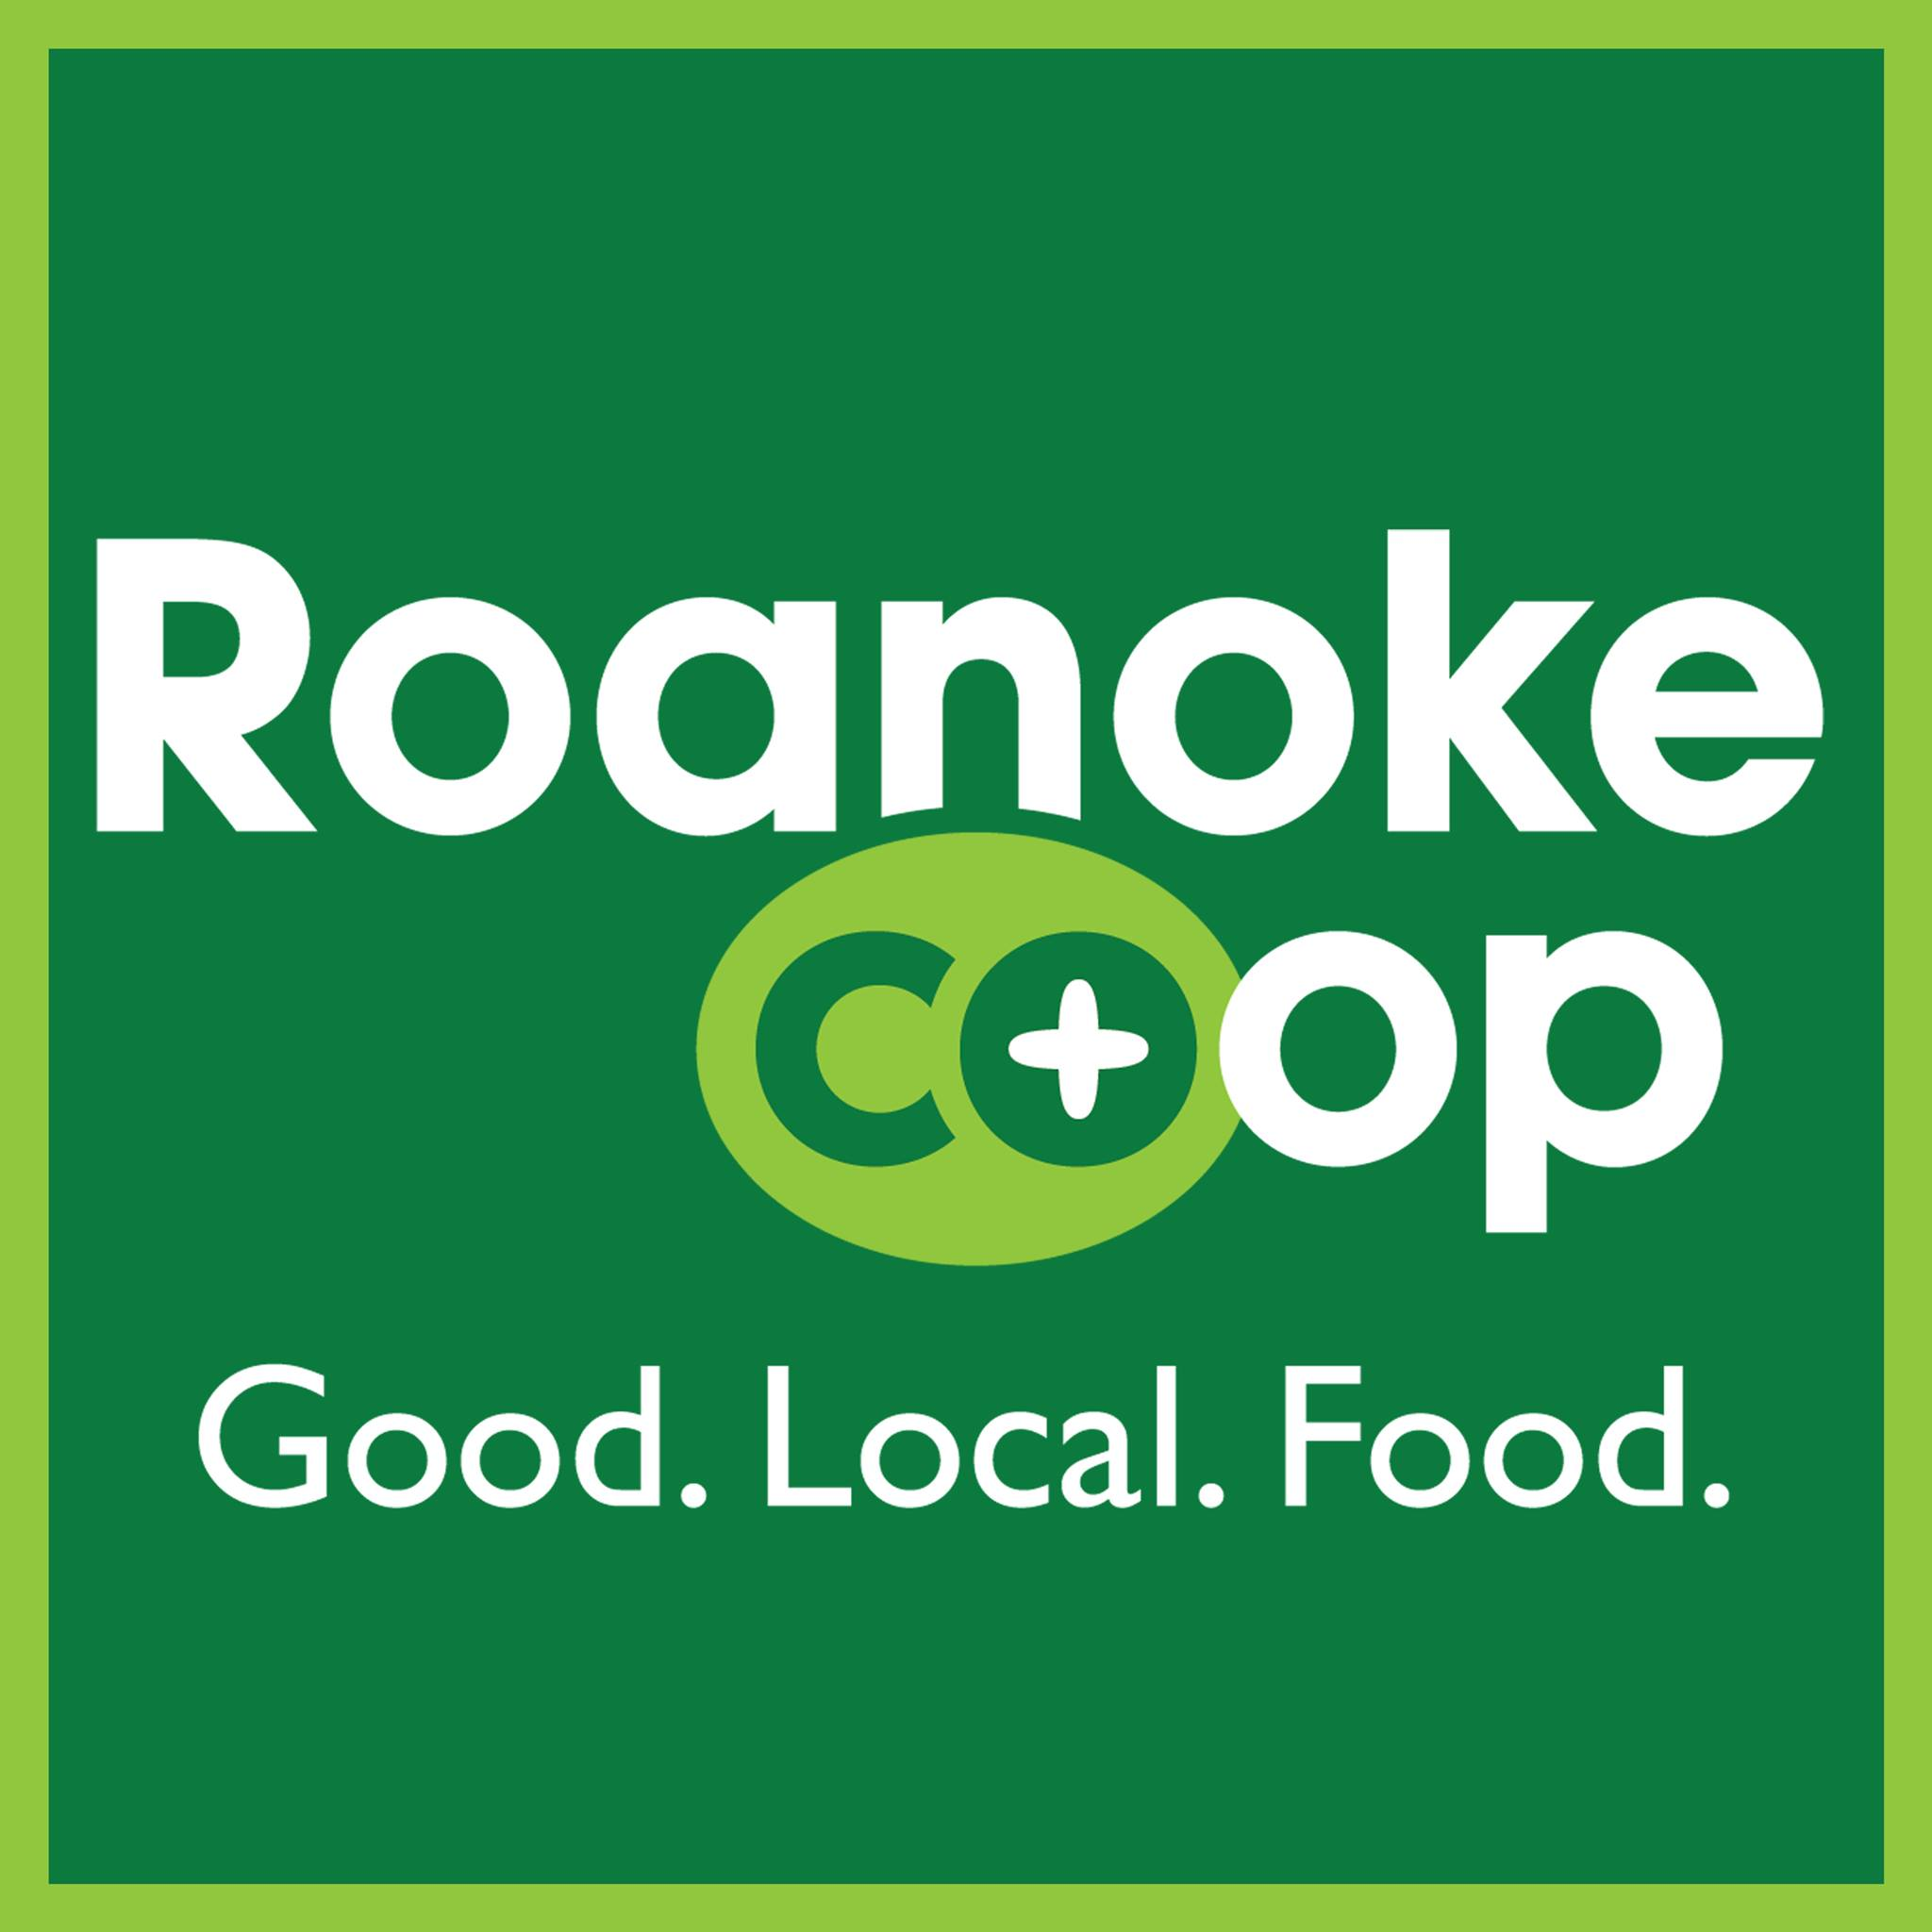 Roanoke Co-op CBD Oil Roanoke VA Yoanoke.com